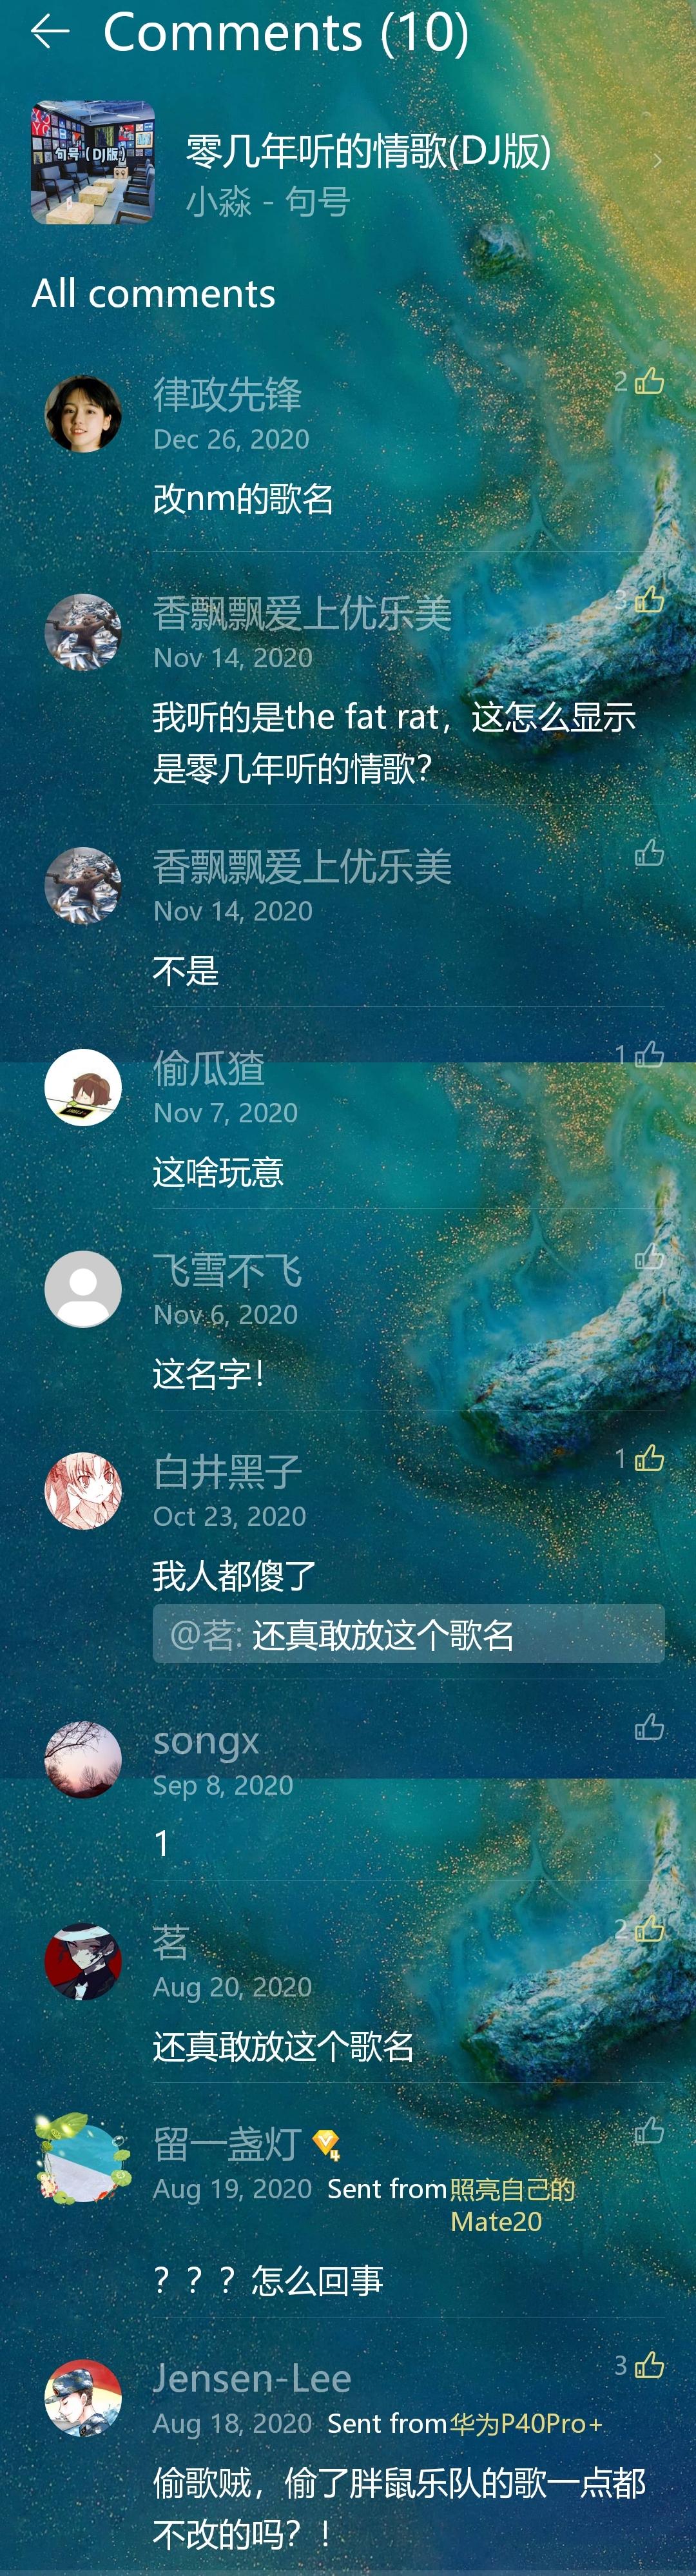 Screenshot_20210121_230911.jpg